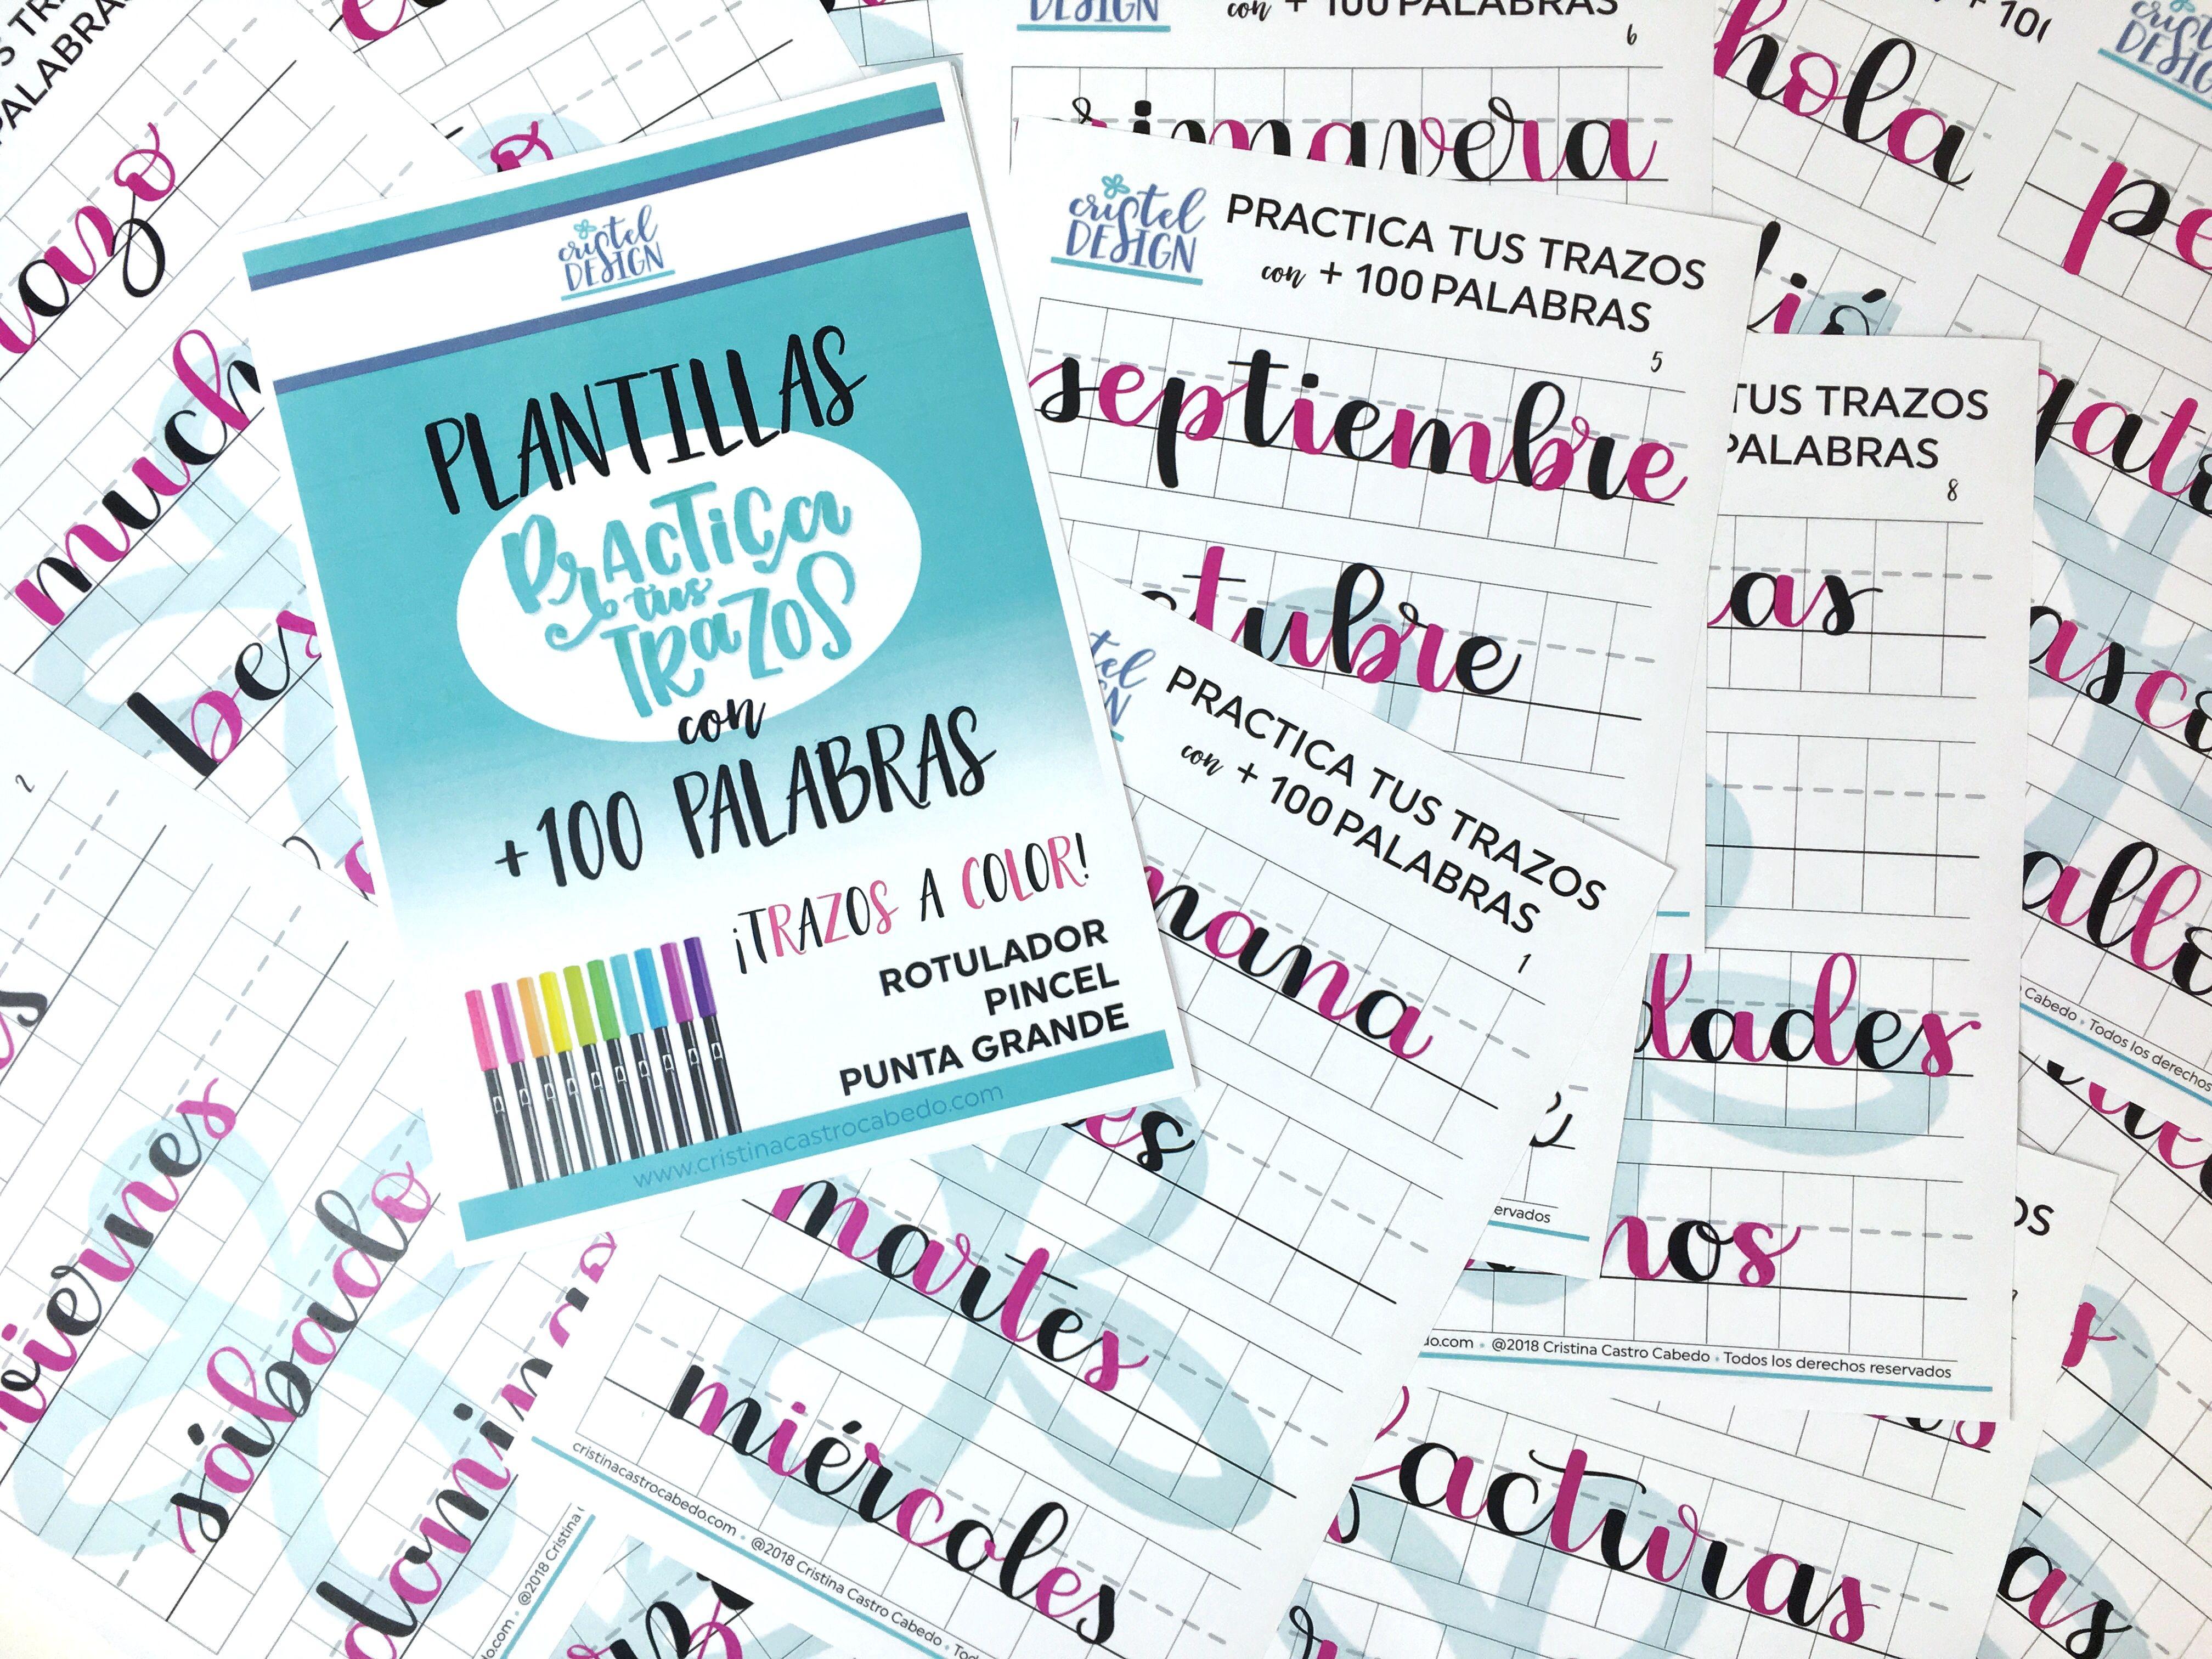 plantillas con palabras para practicar enlaces de brush lettering